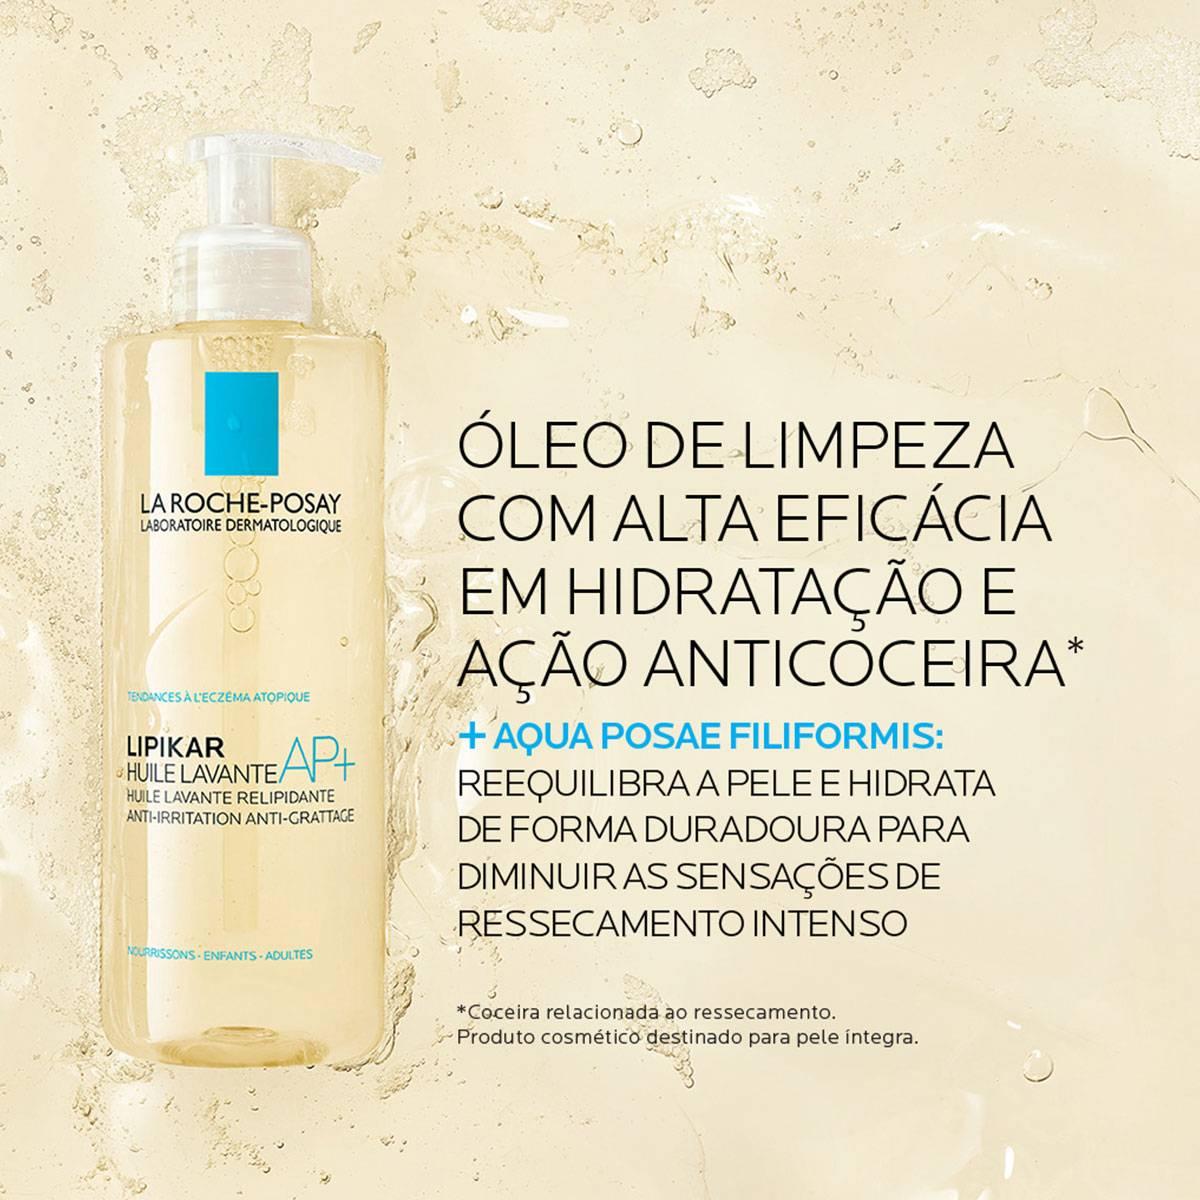 Imagem do novo Lipikar Cleasing Oil AP+ 400ml, óleo de limpeza com alta eficácia em hidratação e ação anticoceira | La Roche-Posay